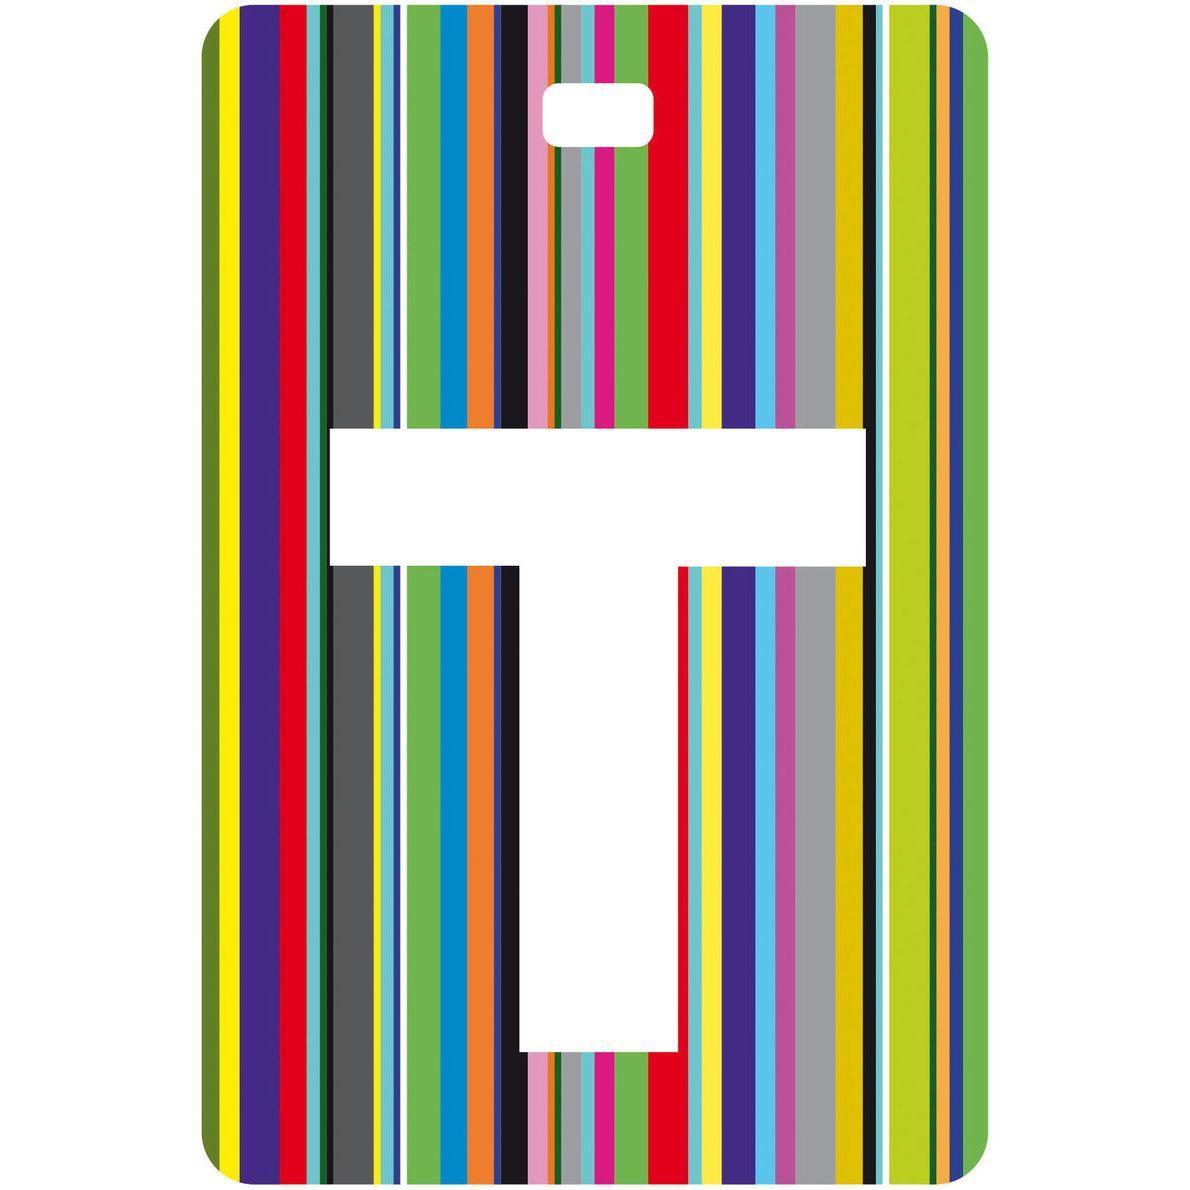 etichetta baglio con lettera alfabeto bianca su sfondo a righe colorate